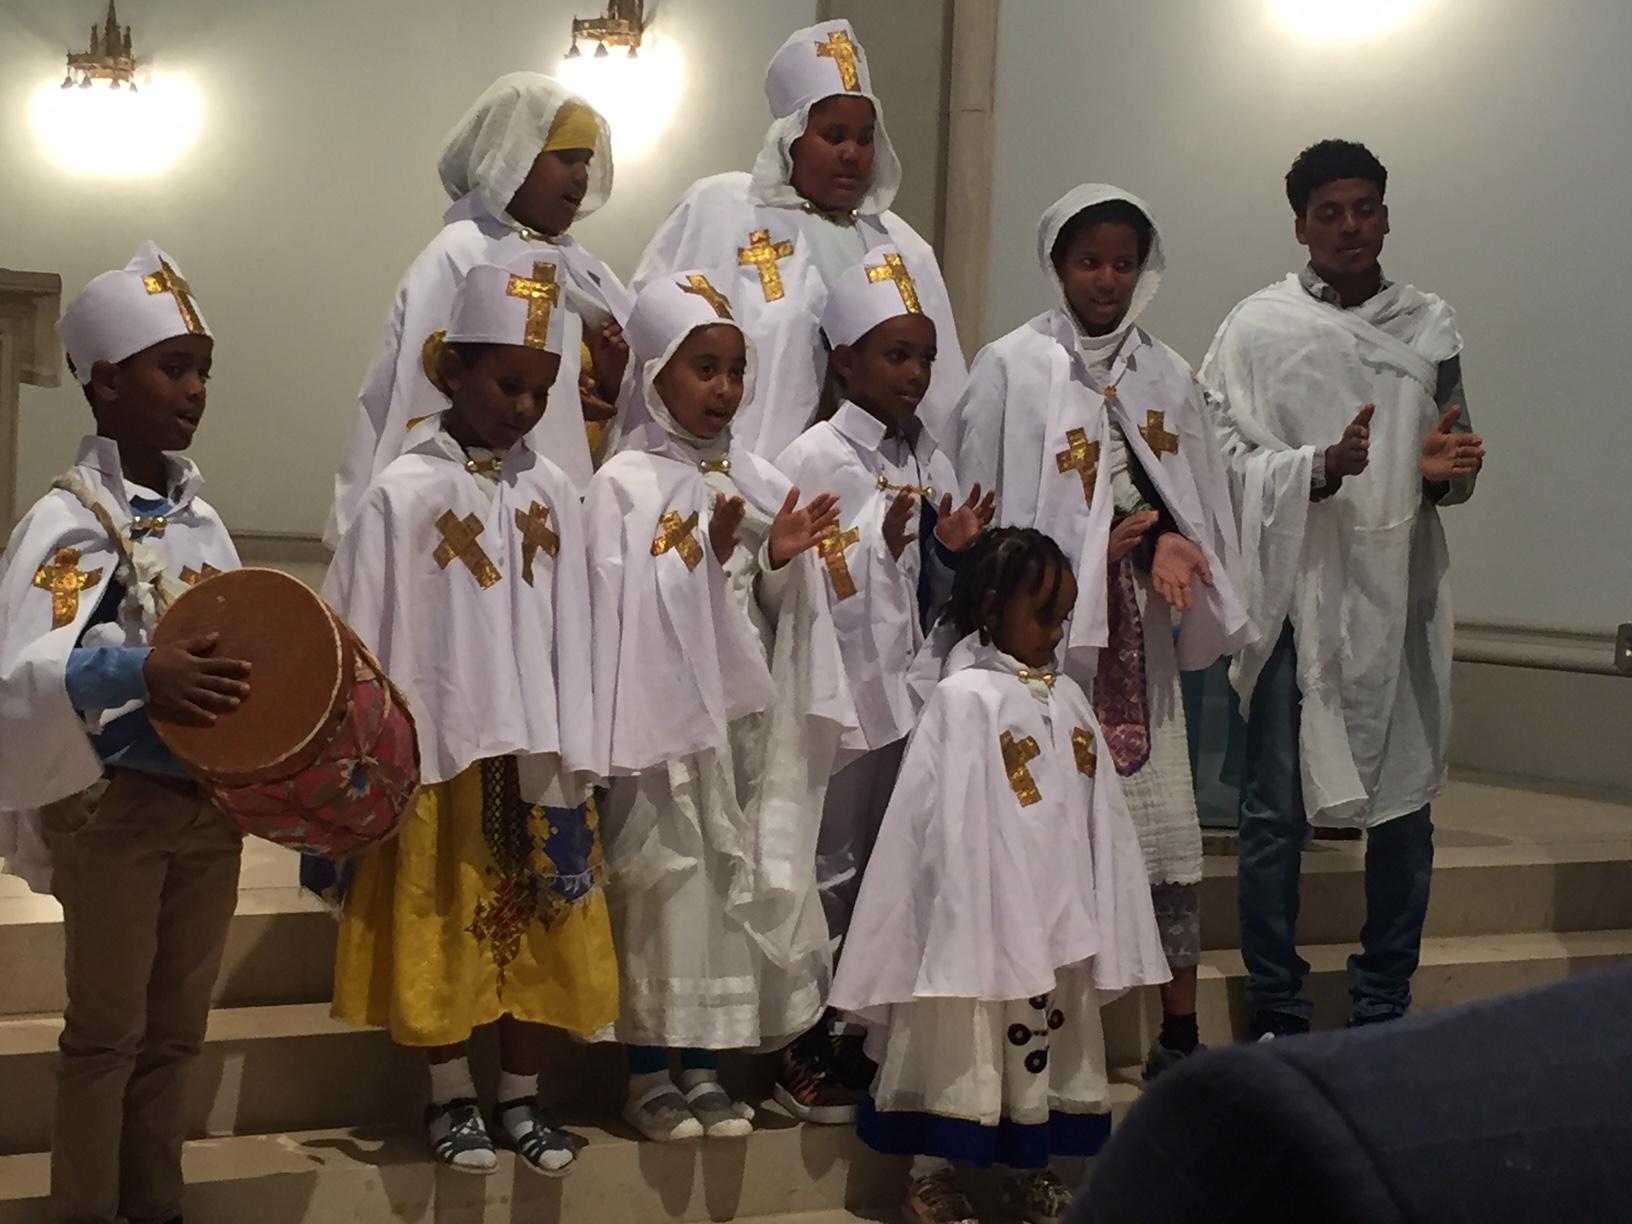 Interkultureller Gottesdienst mit Kindern aus Eritrea